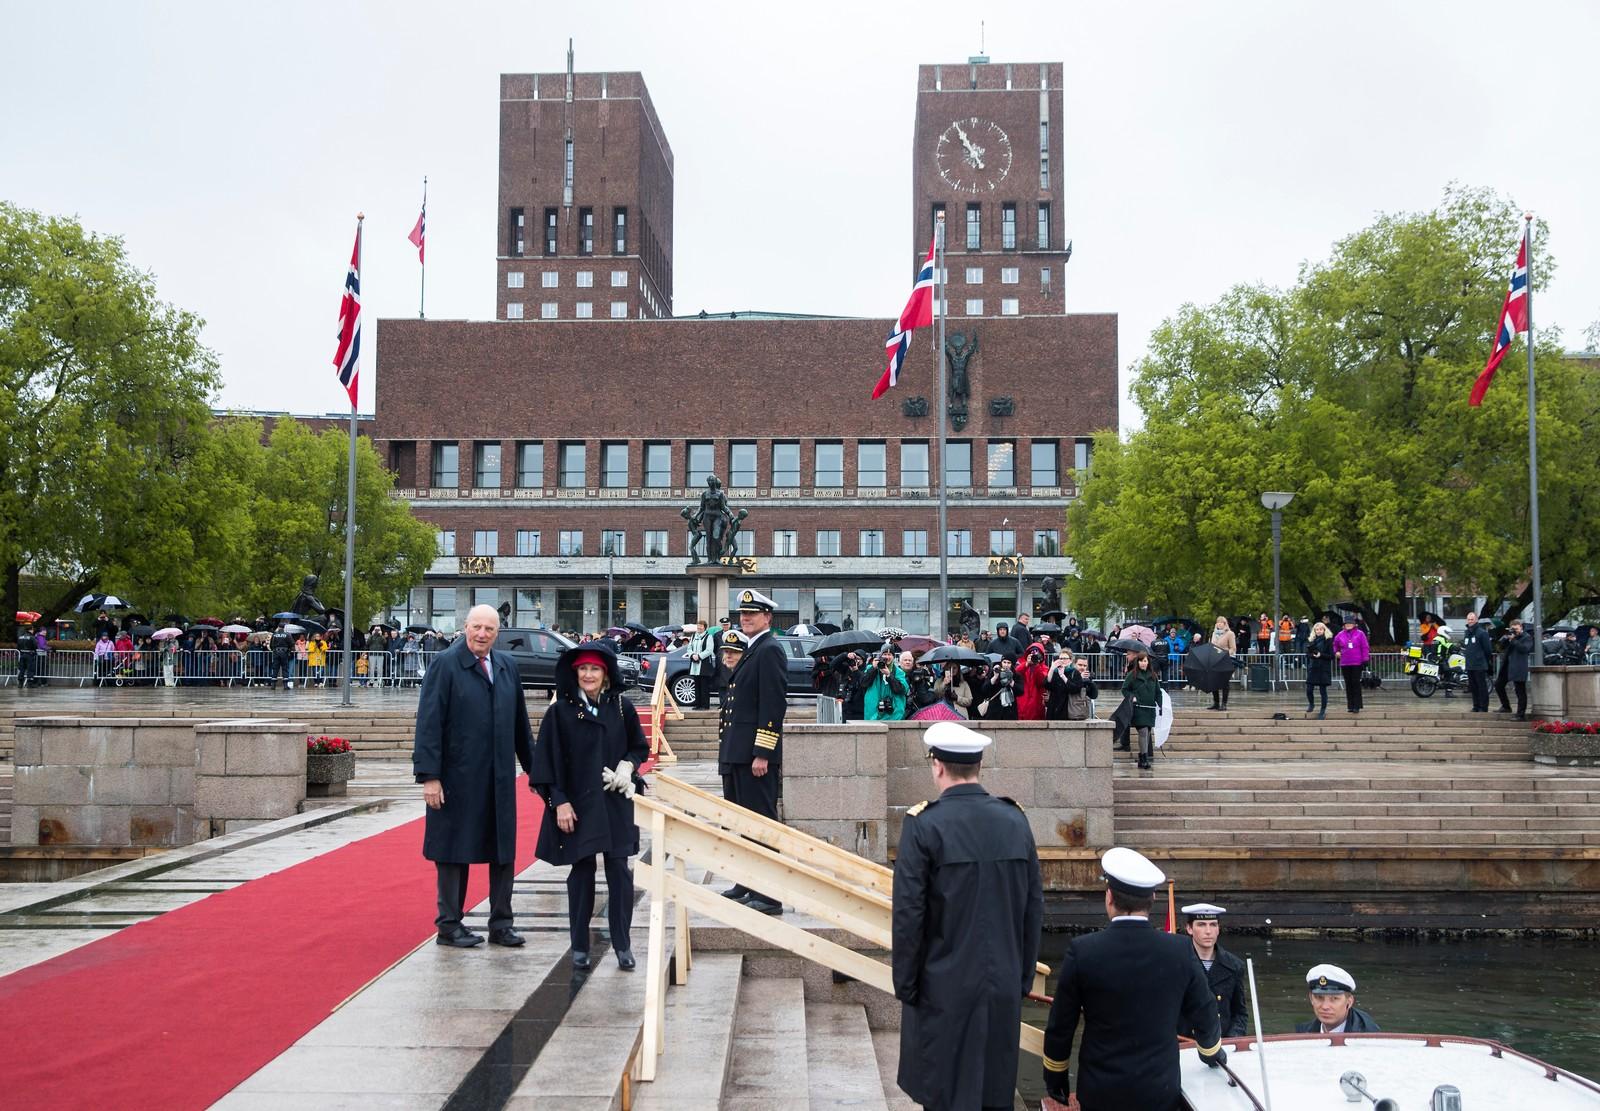 Publikum og et stort pressekorps utenfor rådhuset idet kong Harald og dronning Sonja ankommer Honnørbrygga ved avreise til Kongeskipet Norge onsdag., der gjestene var invitert til lunsj.